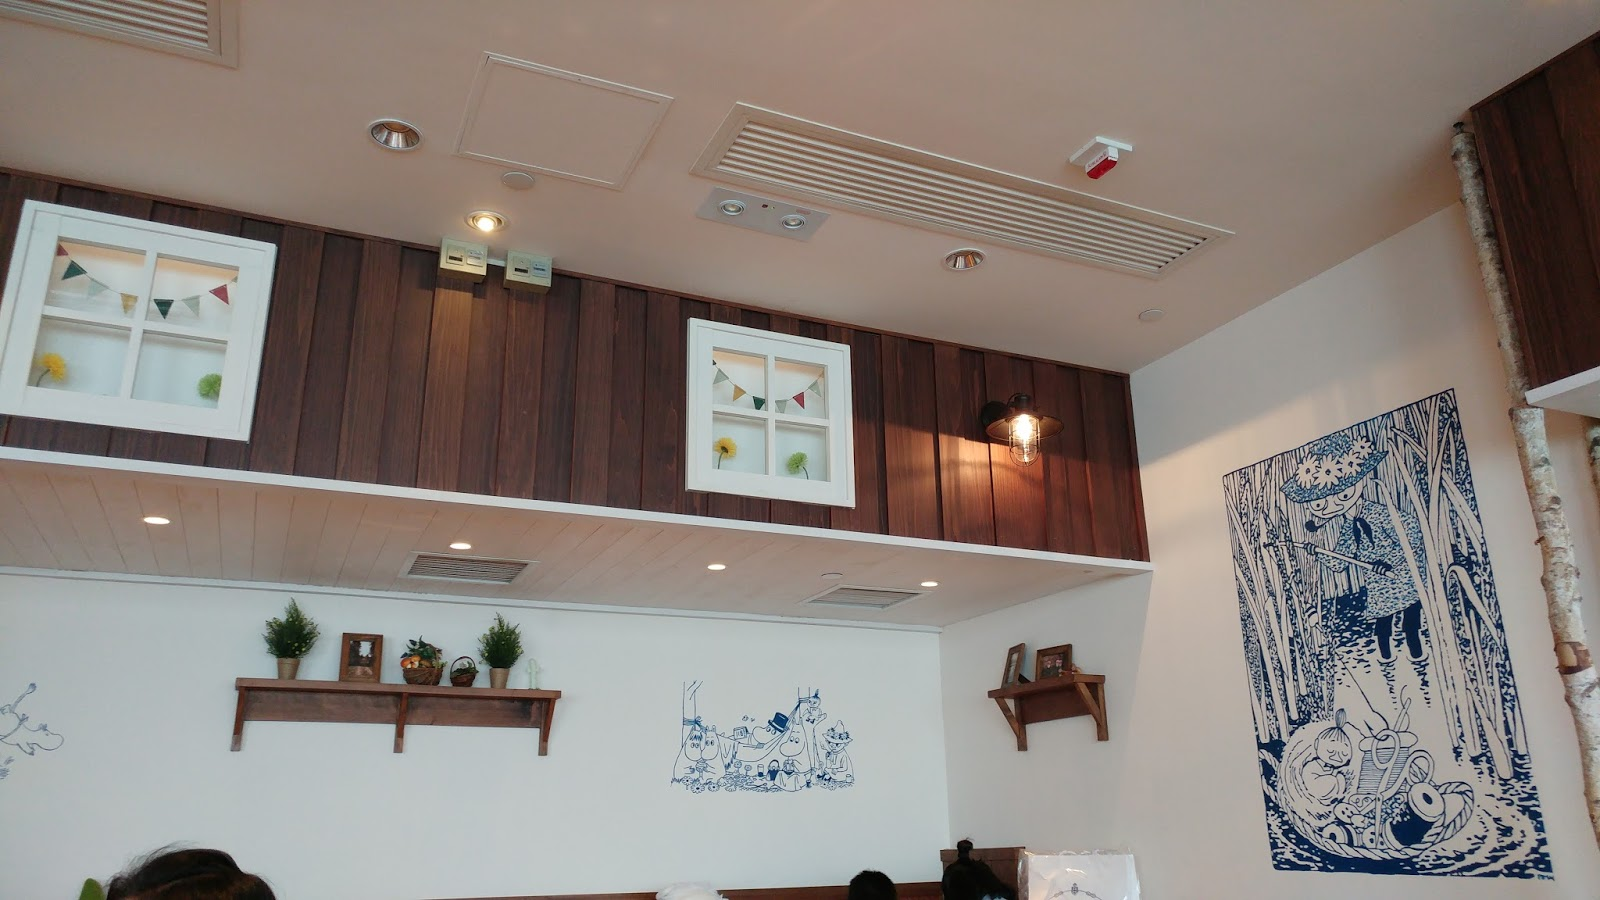 食記|走進北歐小村落·超療癒的姆明主題餐廳。moomin cafe